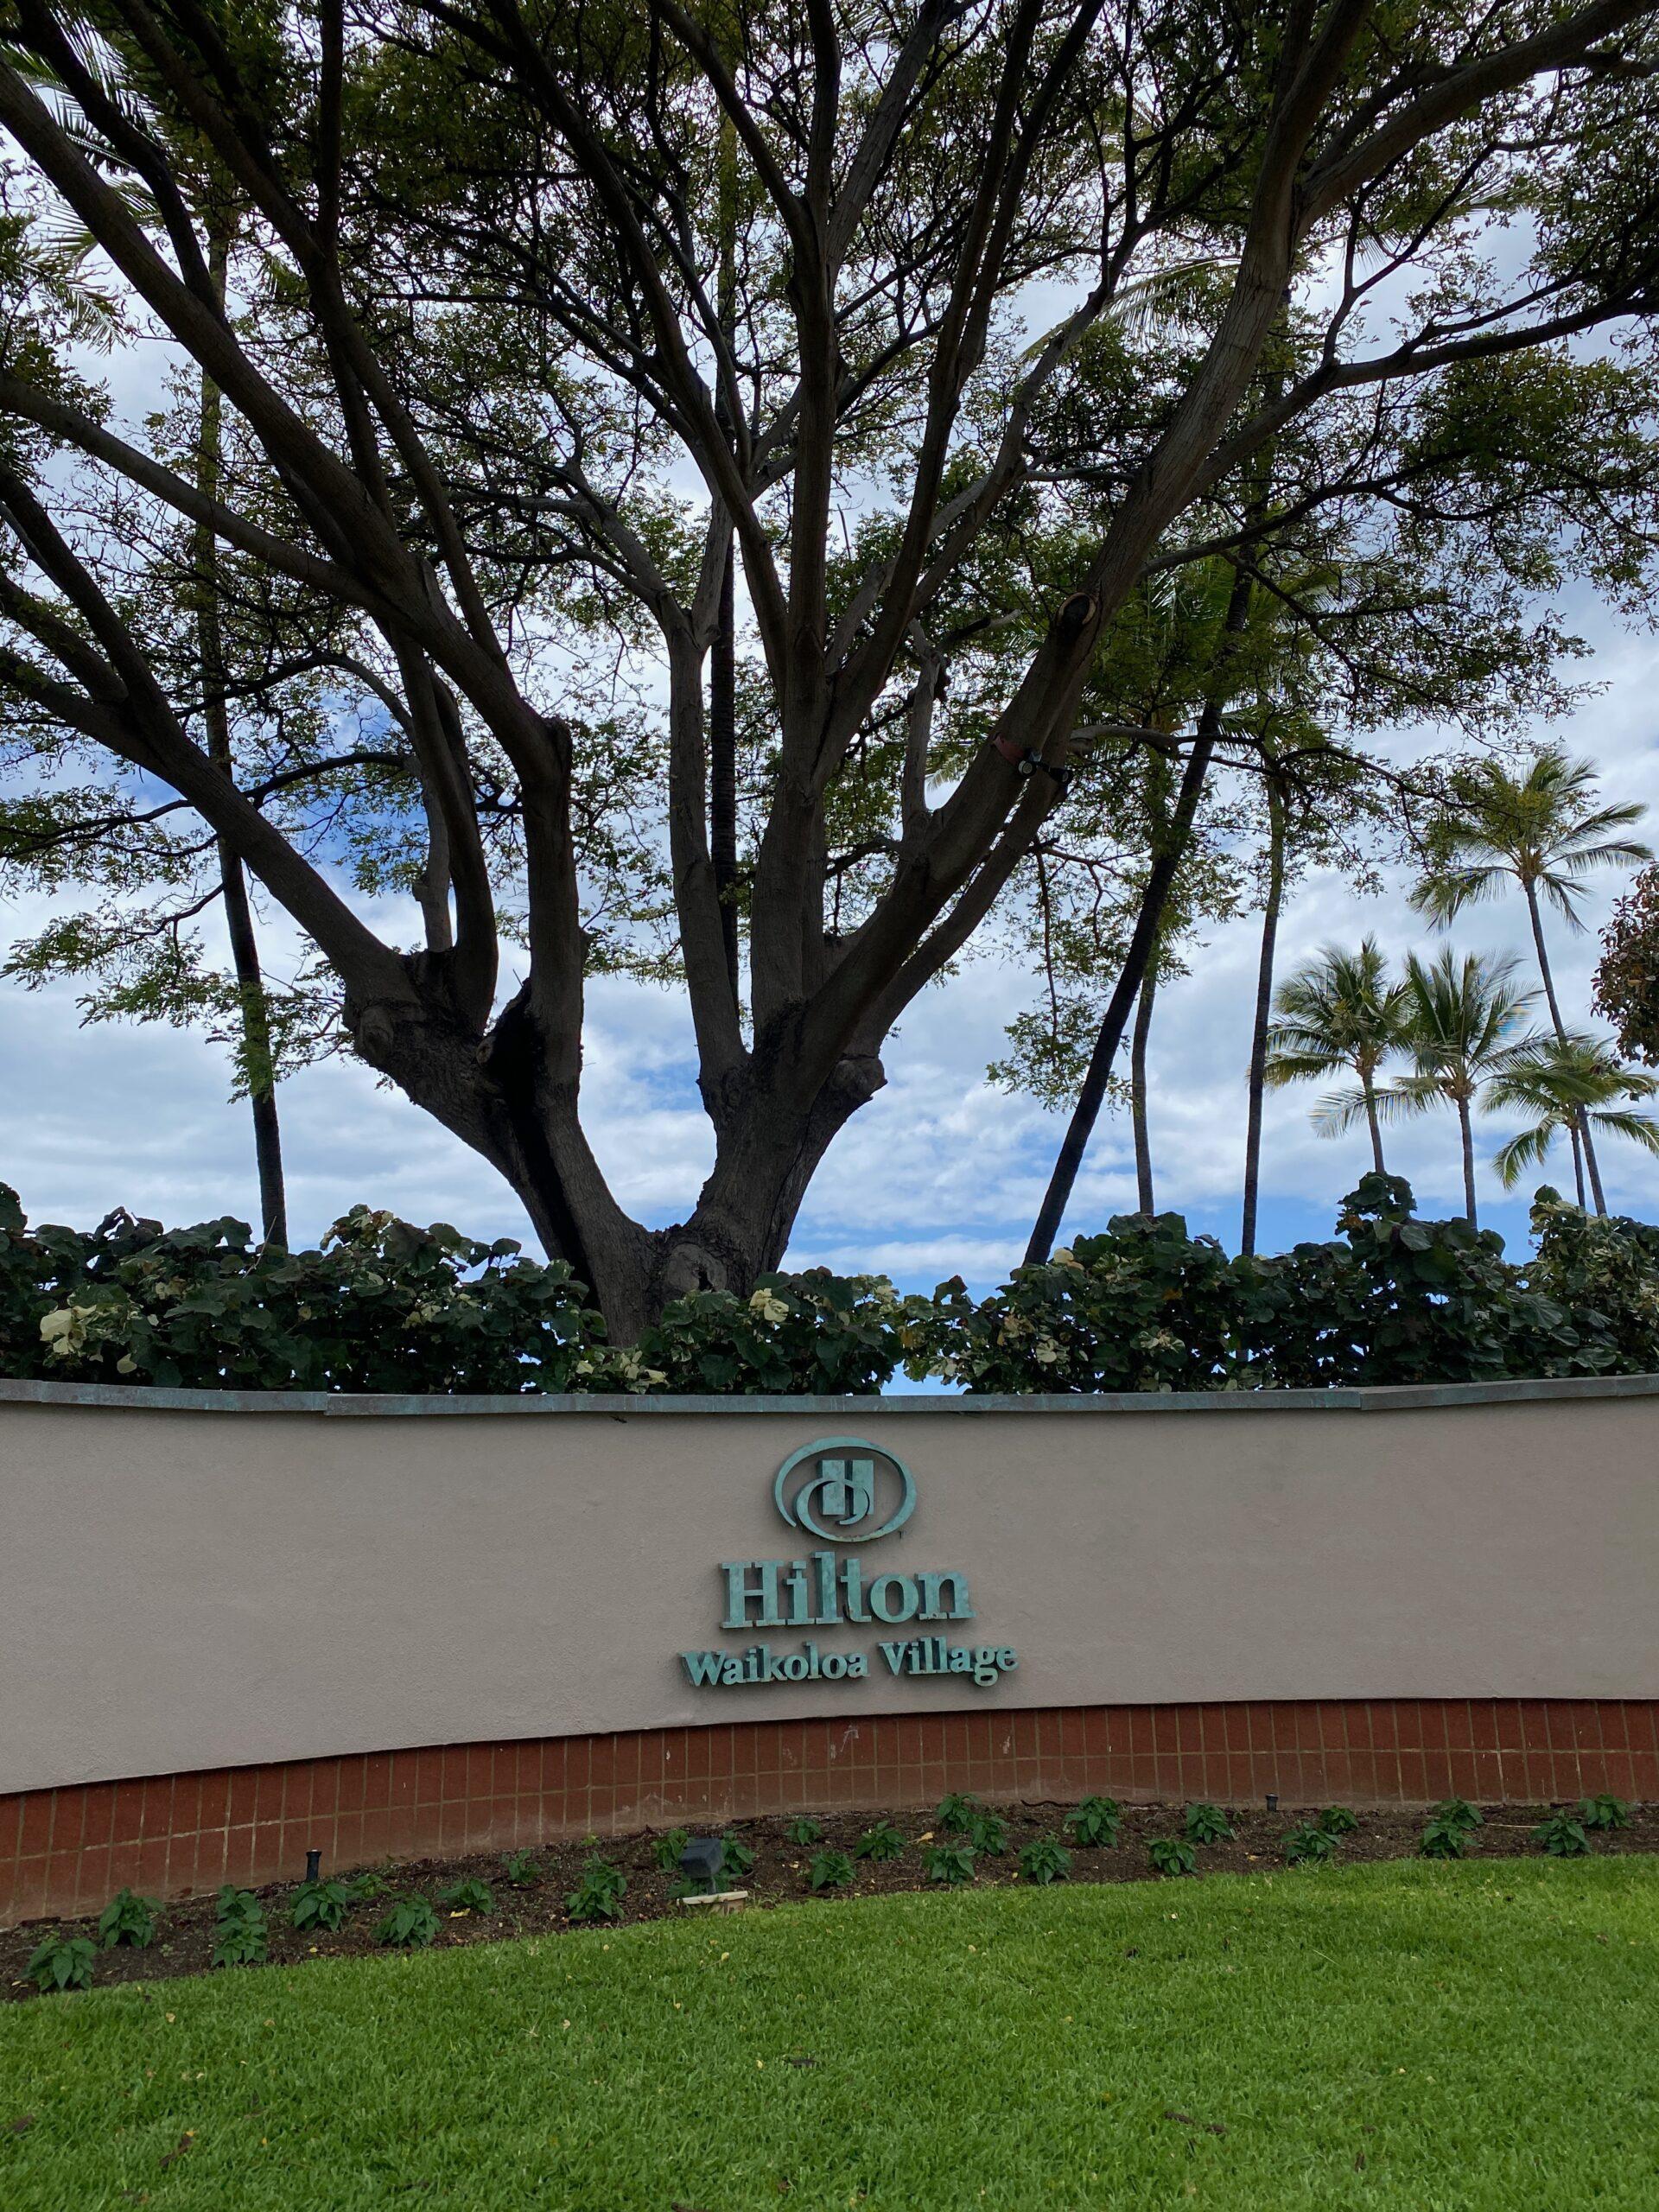 Waikoloa on the Big Island